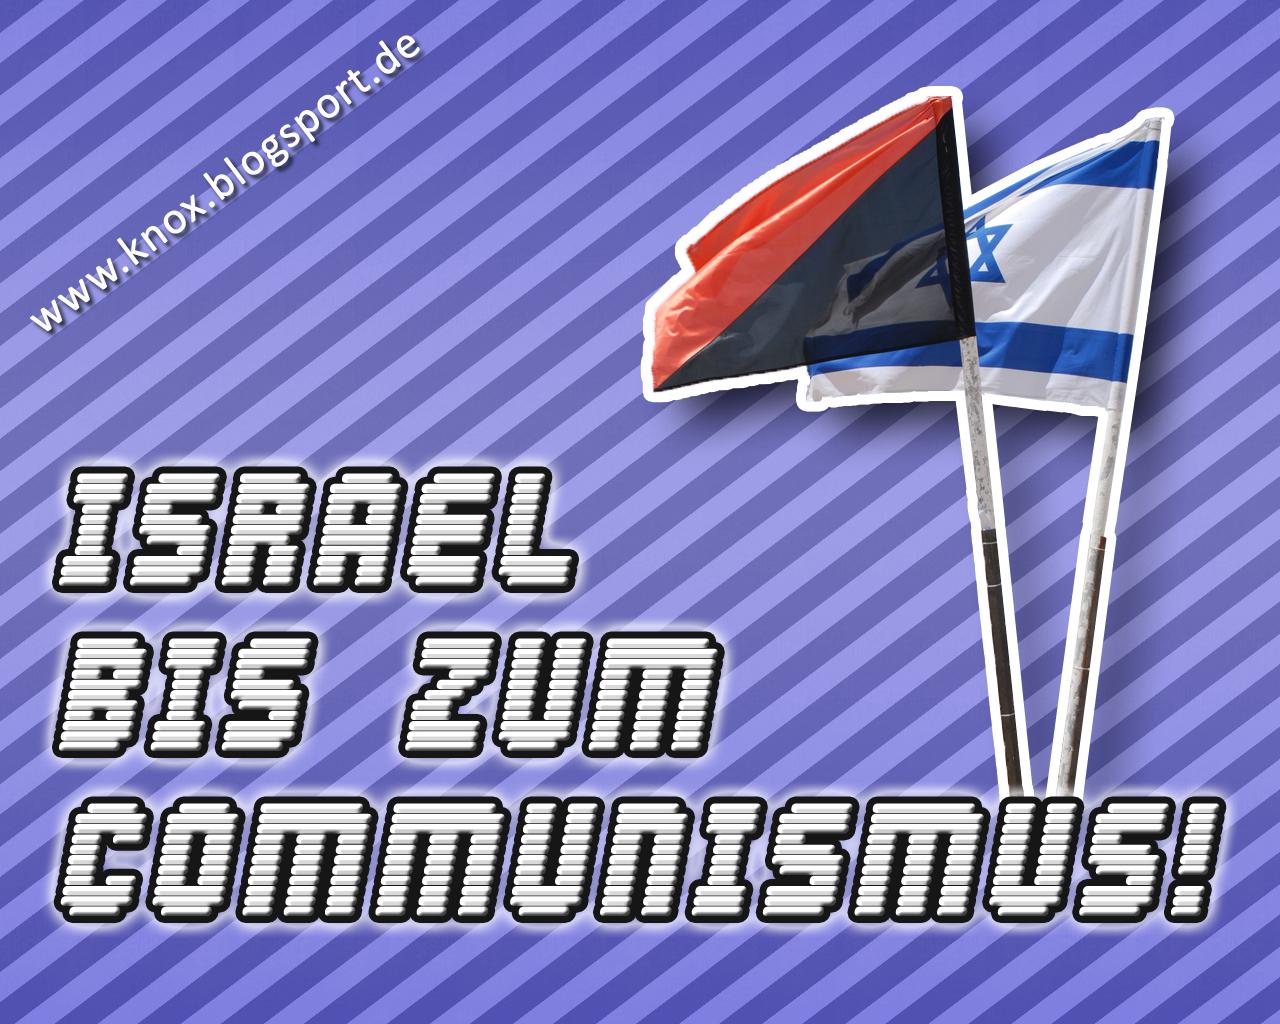 IsraelBisZumCommunismus